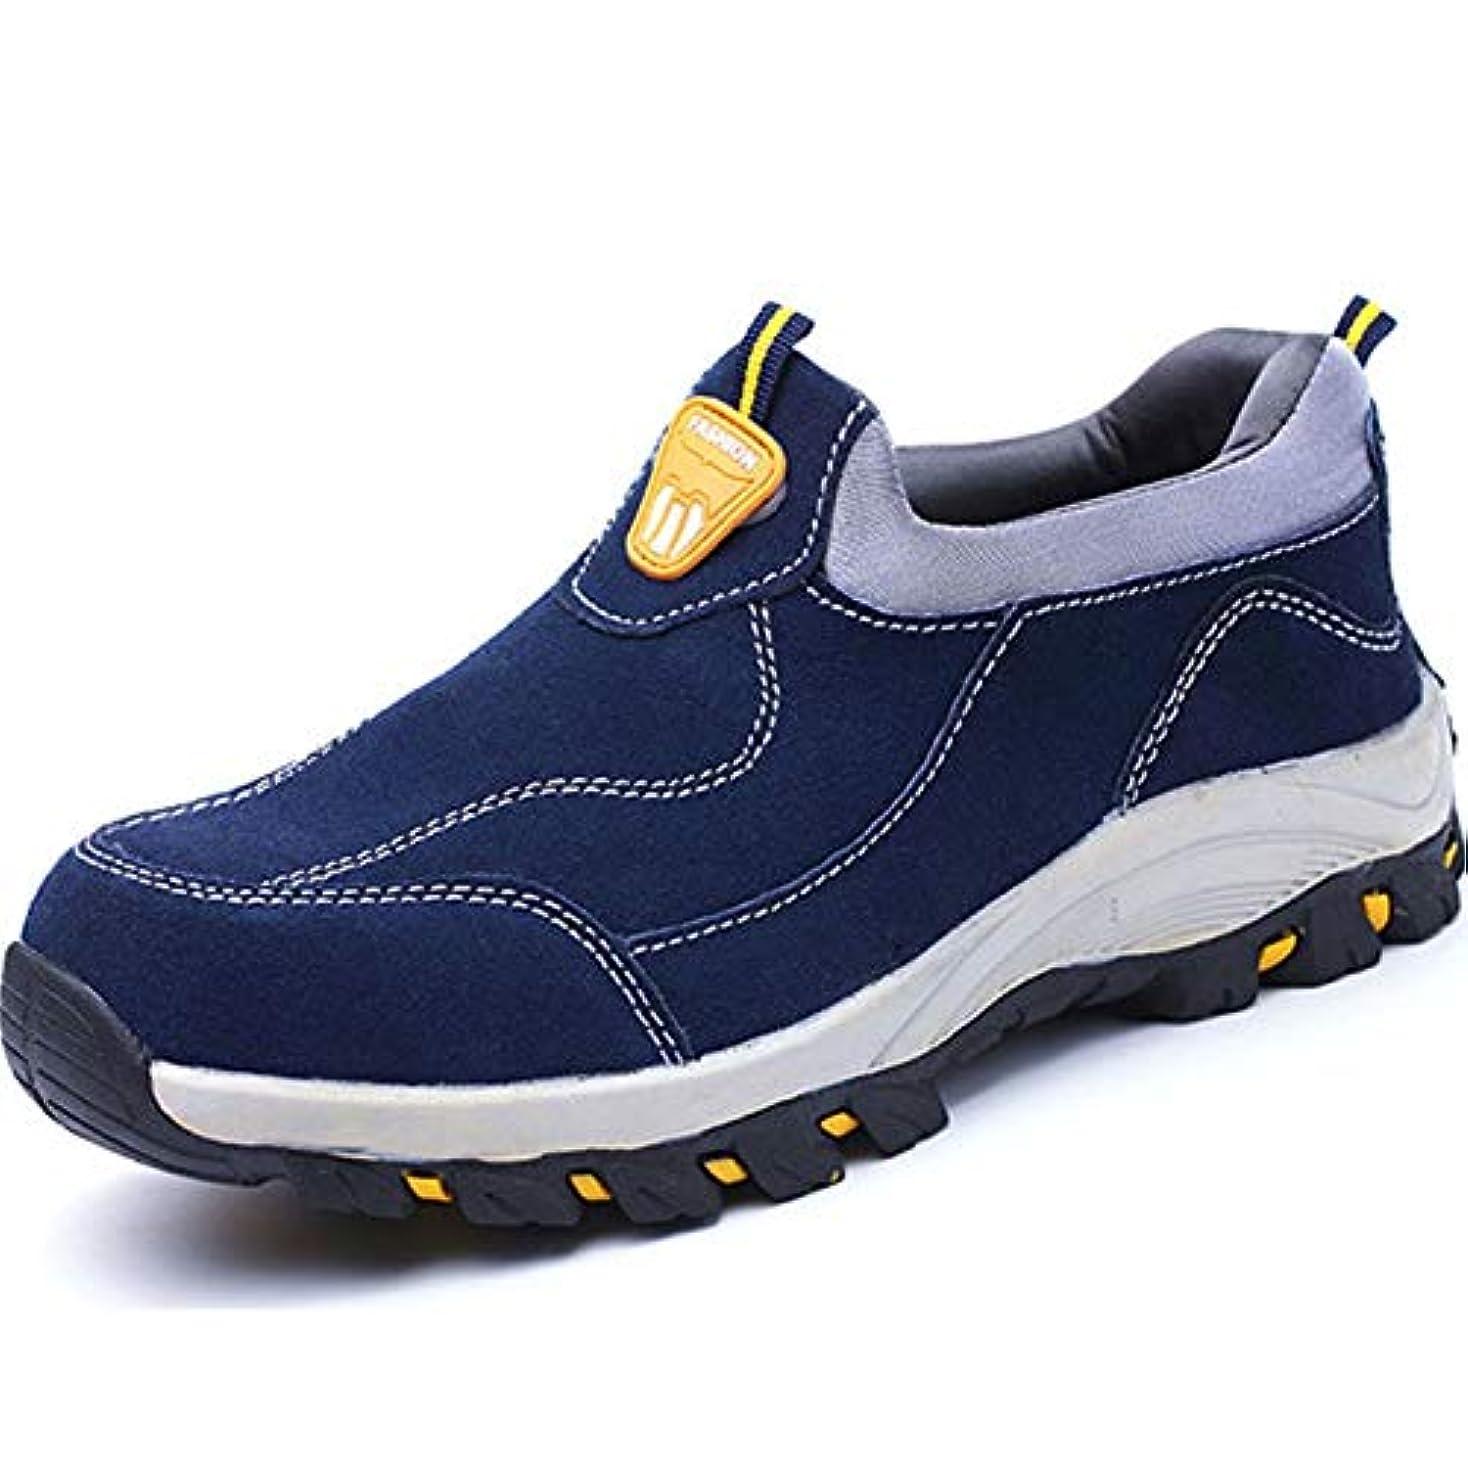 凍る継承助けてセーフティシューズ男性軽量女性ワークトレーナーレディーススチールトーキャップ靴穿刺防止保護履物スポーツスニーカー (Color : Blue, Size : 43)